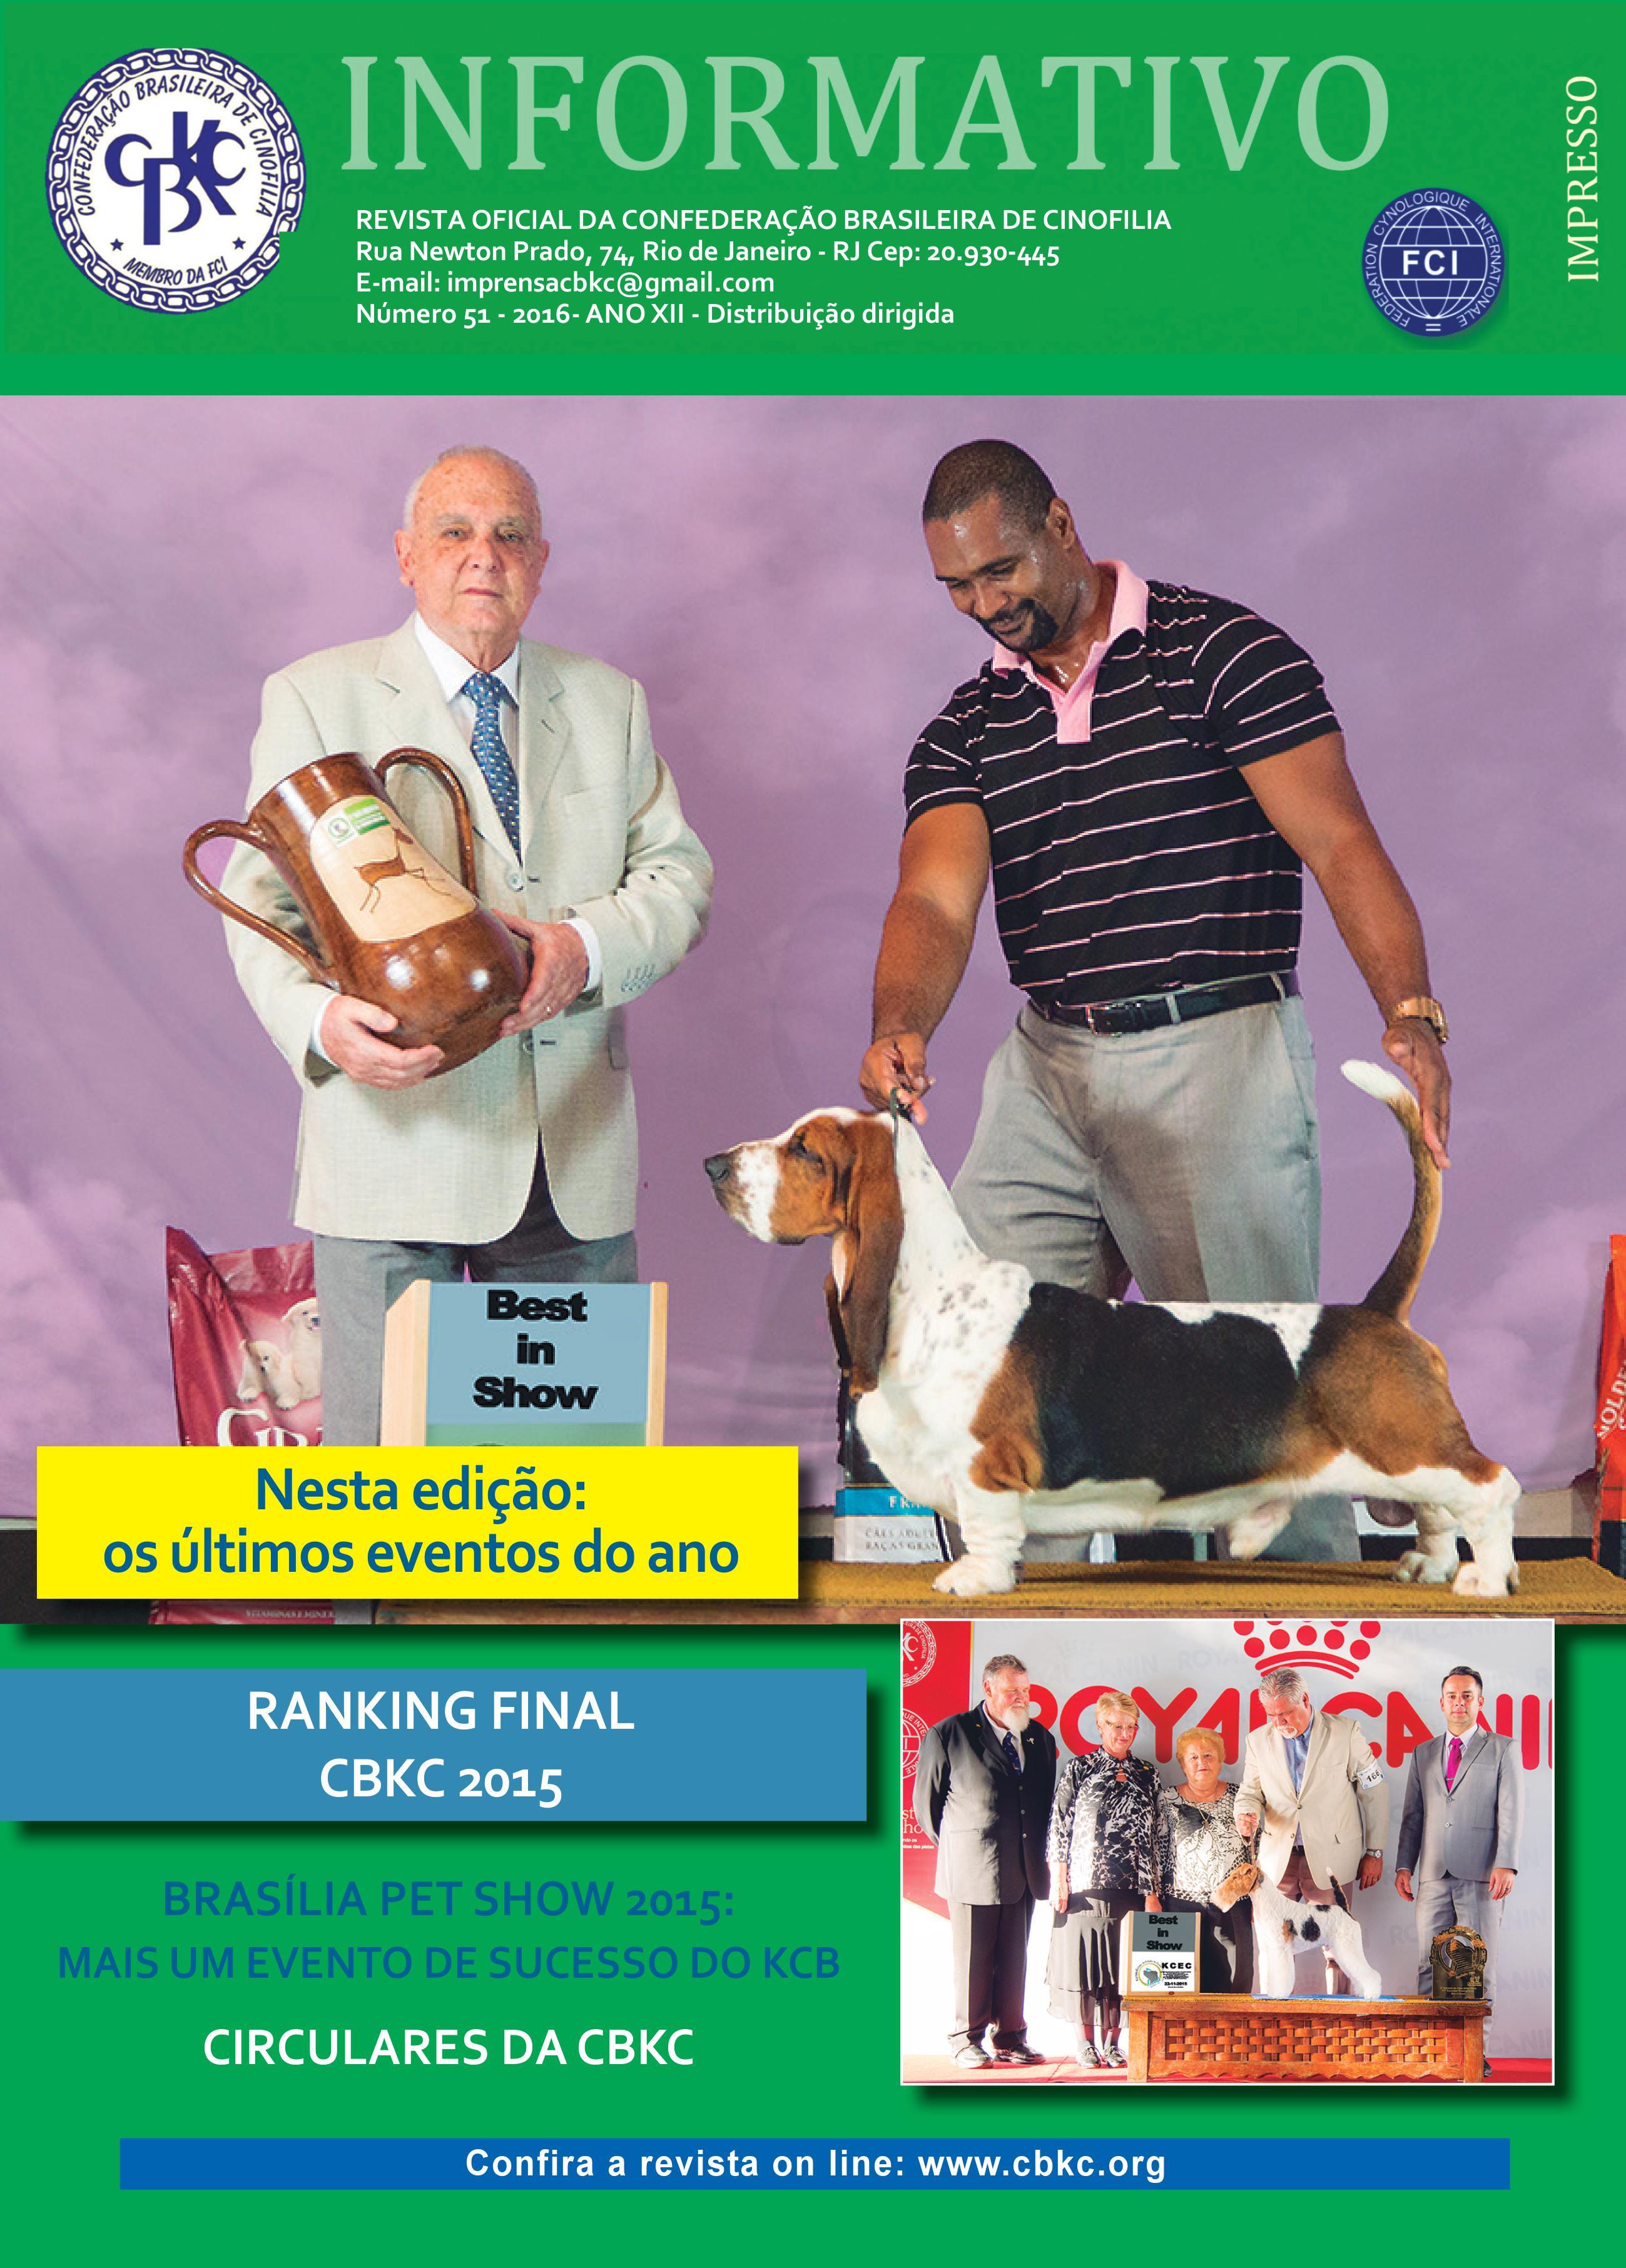 Informativo CBKC Edição 51